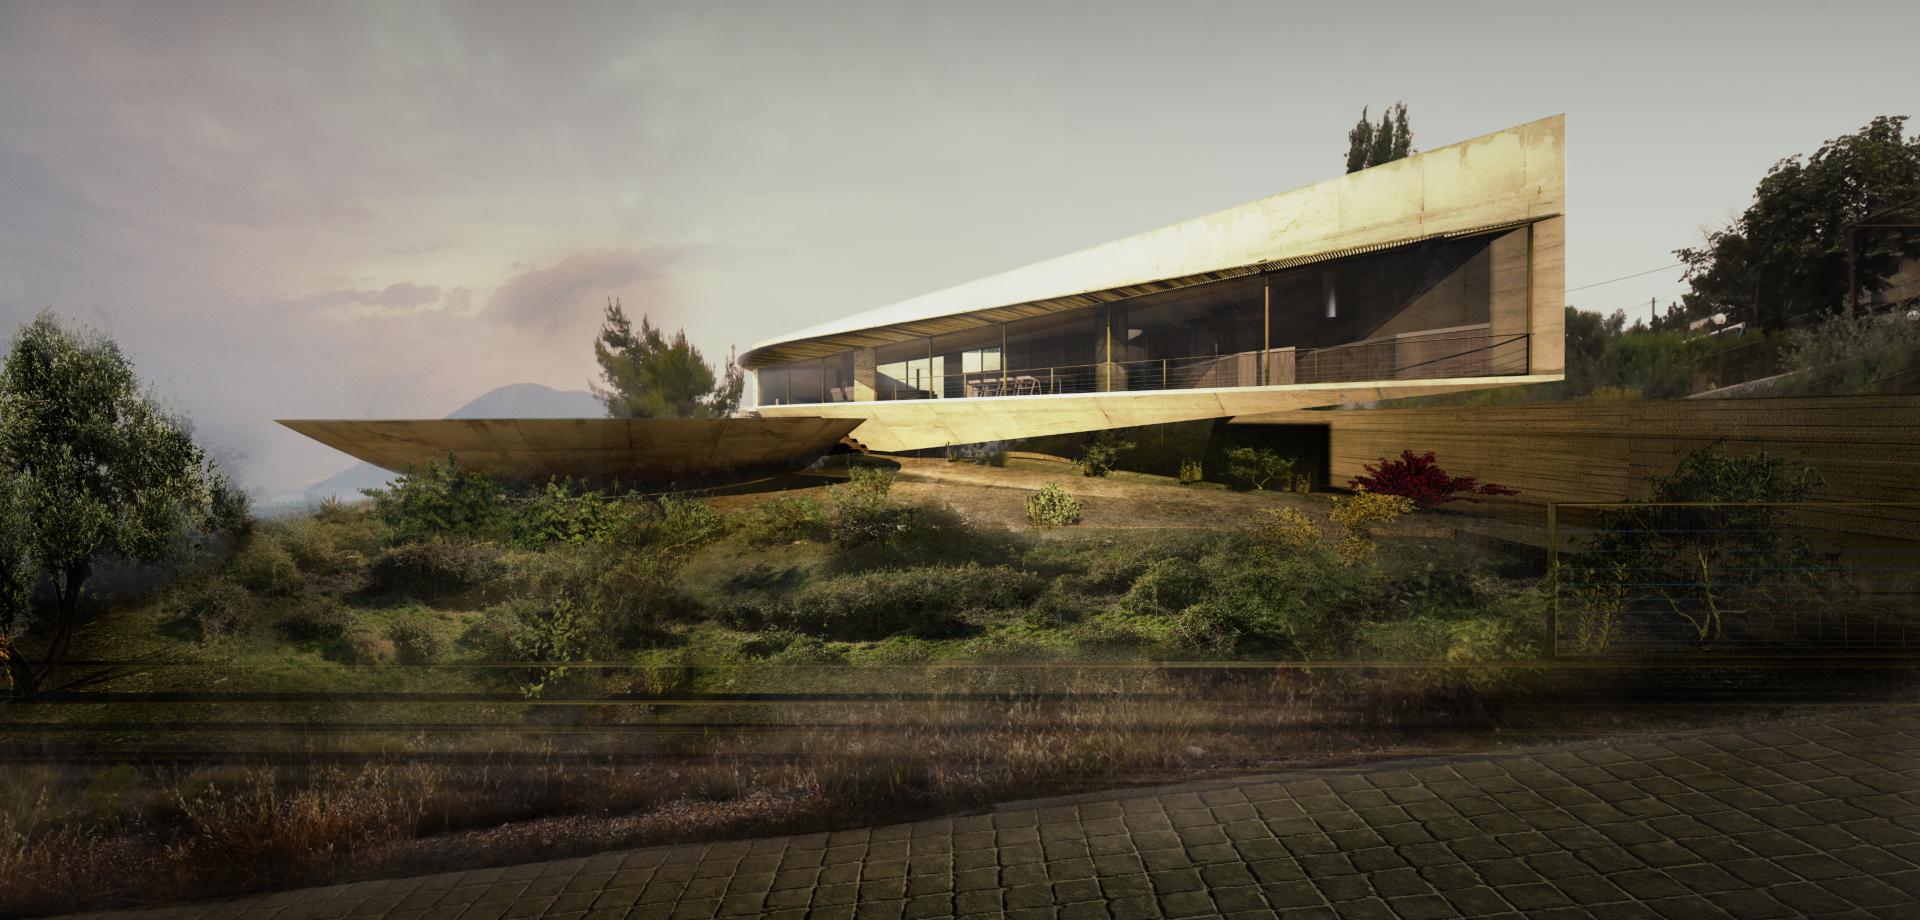 Κατοικία στην Εύβοια / Tense Architecture Network: Τηλέμαχος Ανδριανόπουλος, Νέστορας Σκαντζούρης